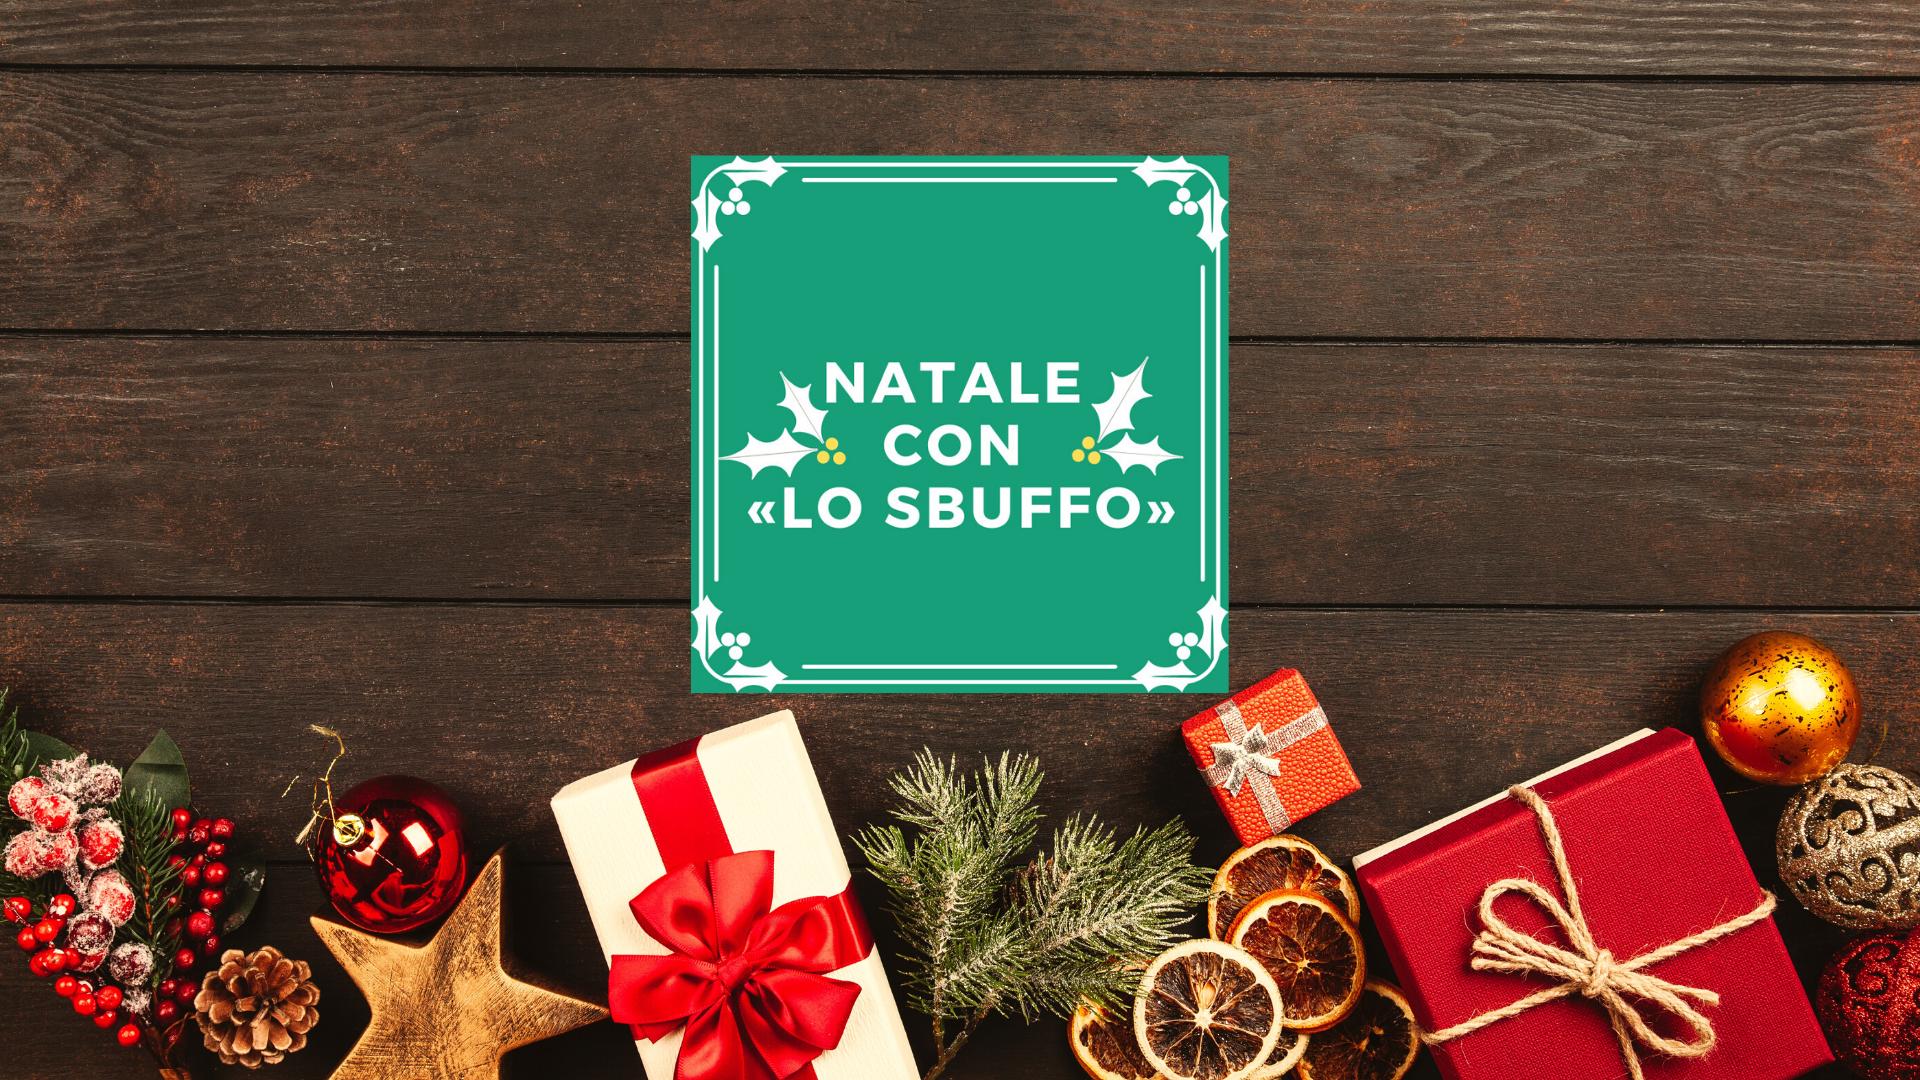 Natale Playlist Spotify Lo Sbuffo